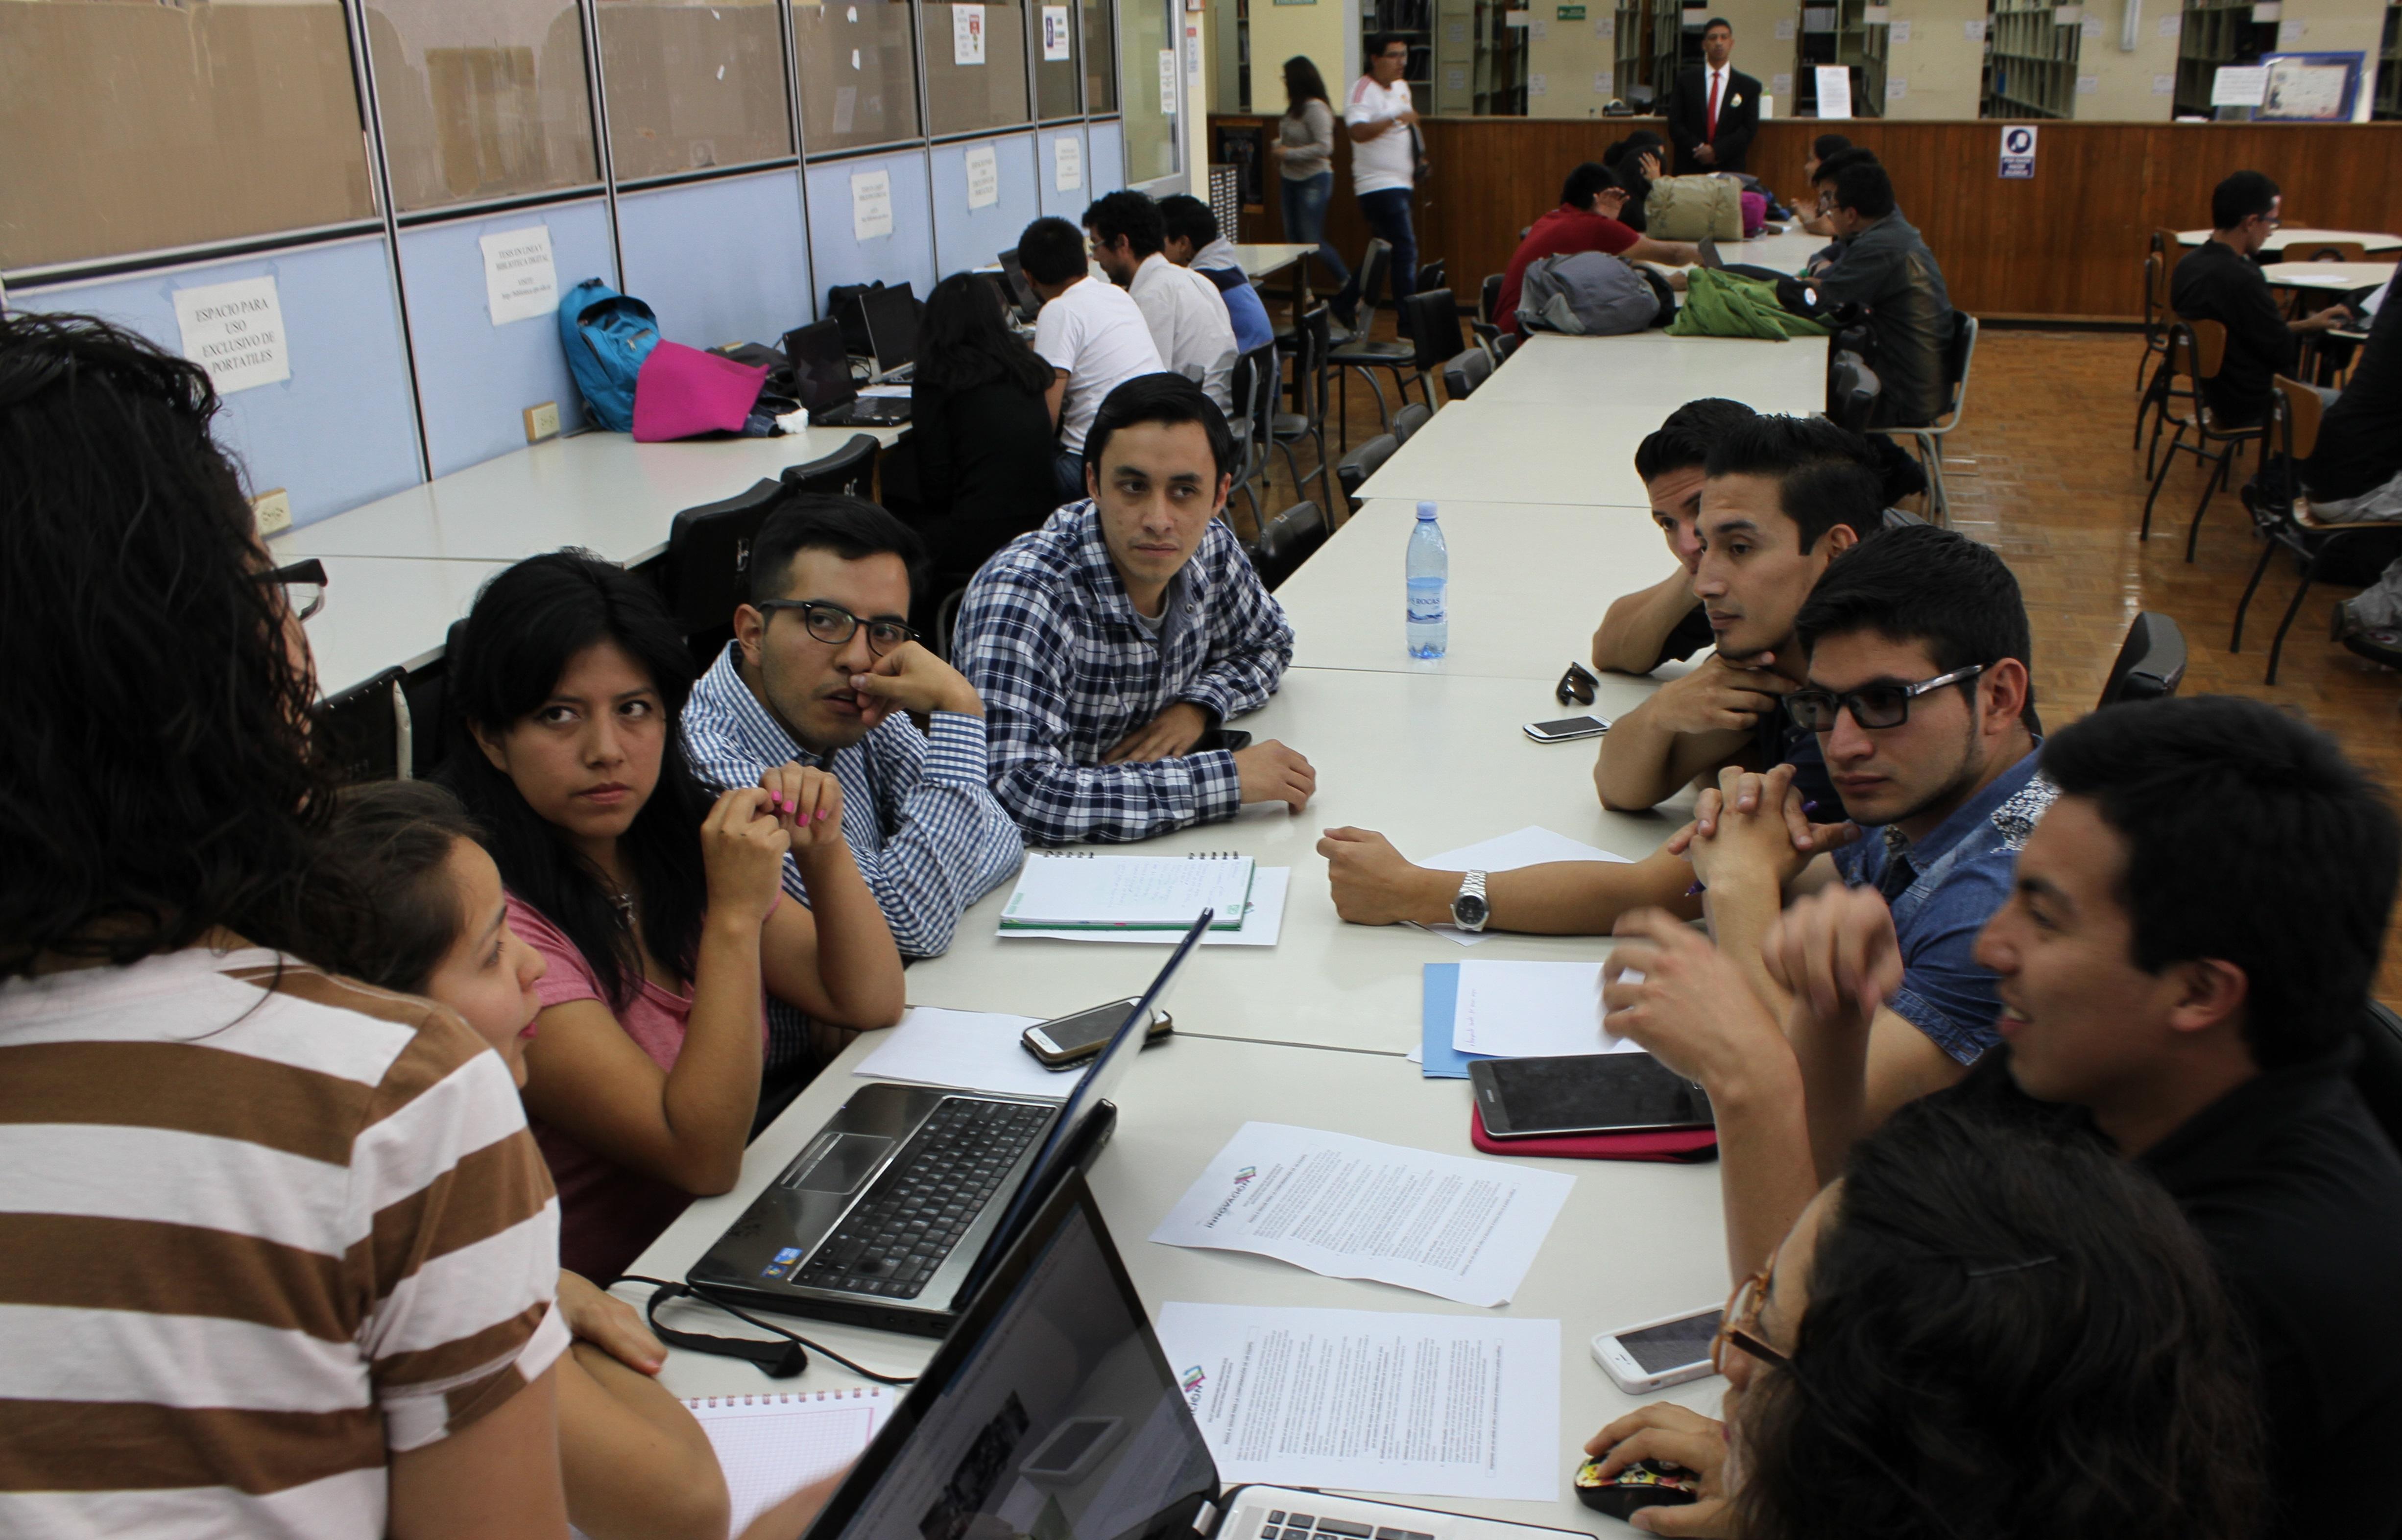 rally-latinoamericano-innovacion-epn-asecei-asibei-3